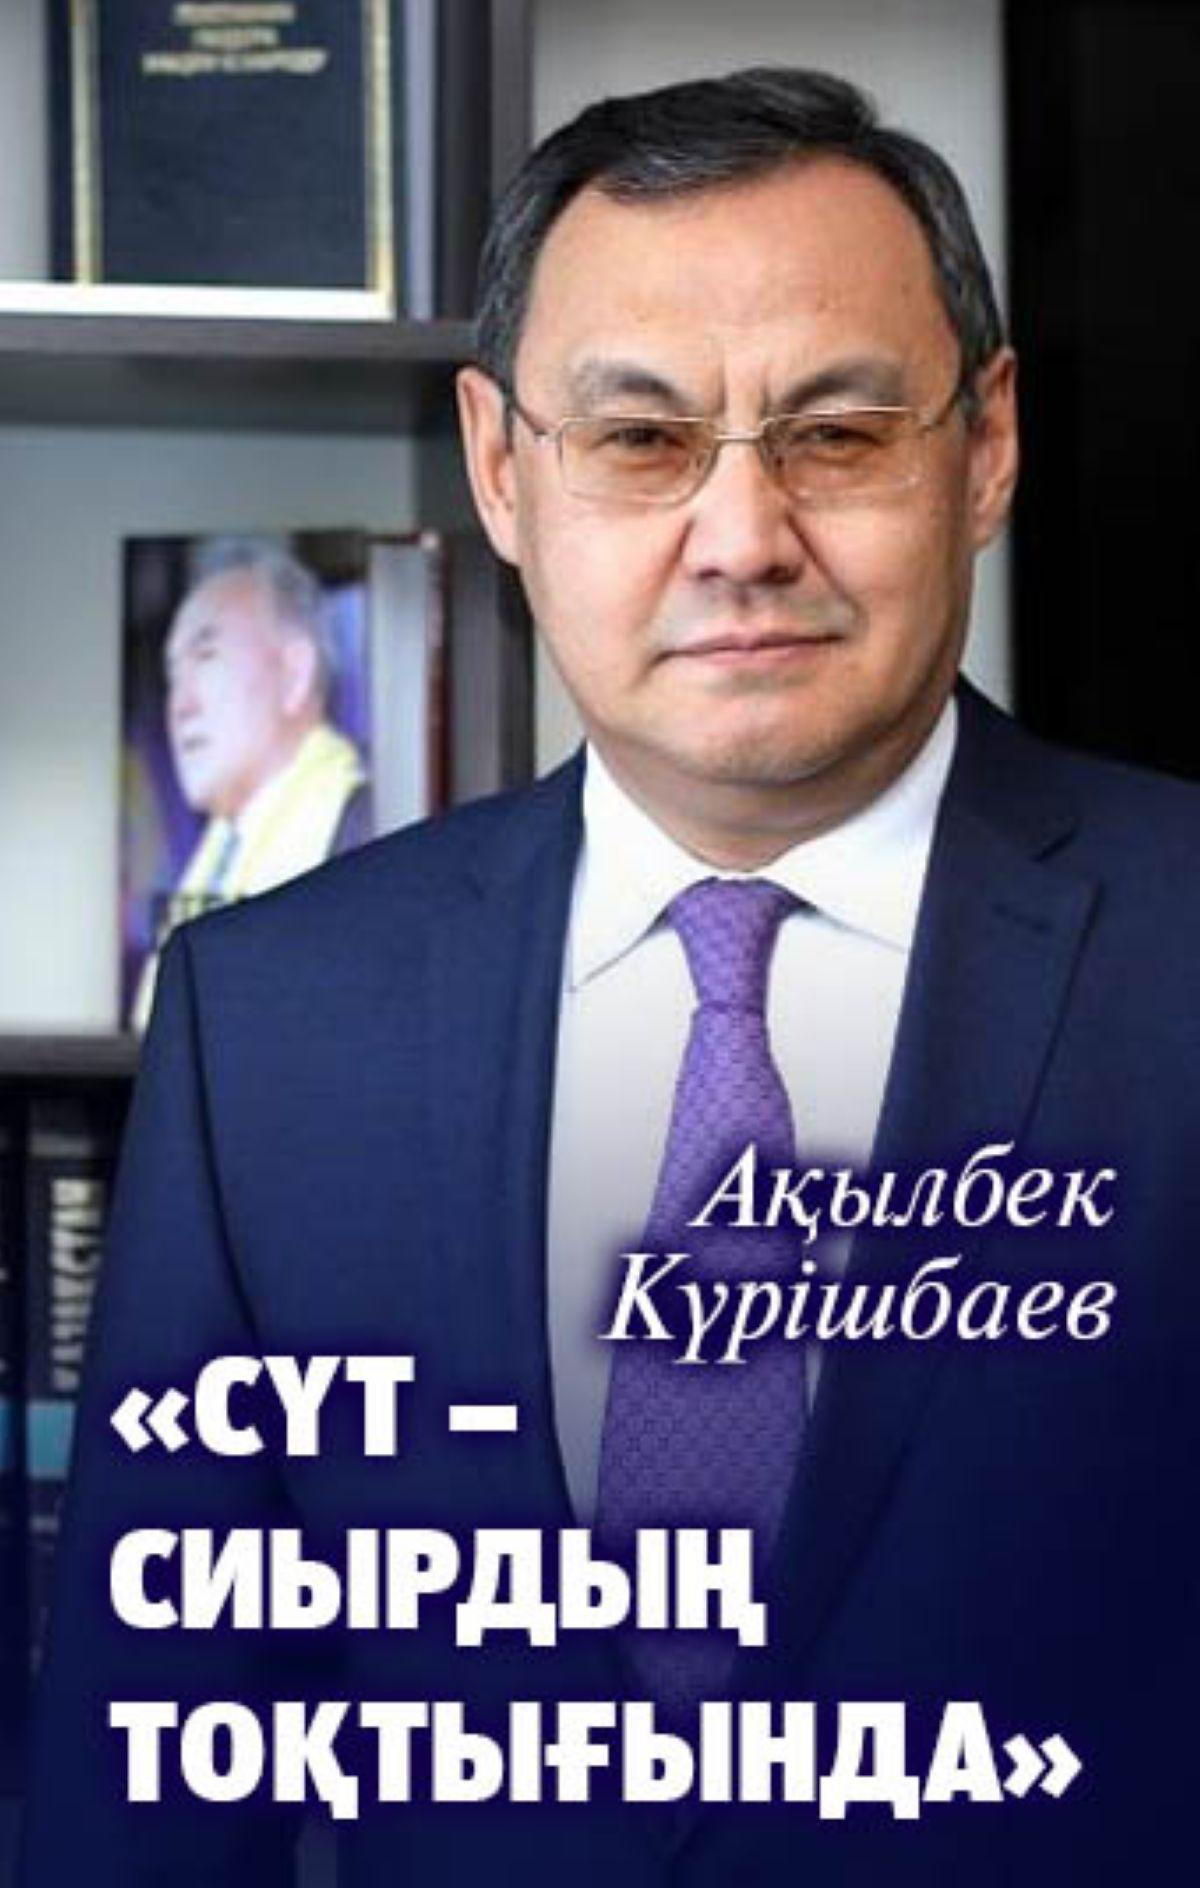 Ақылбек Күрішбаев